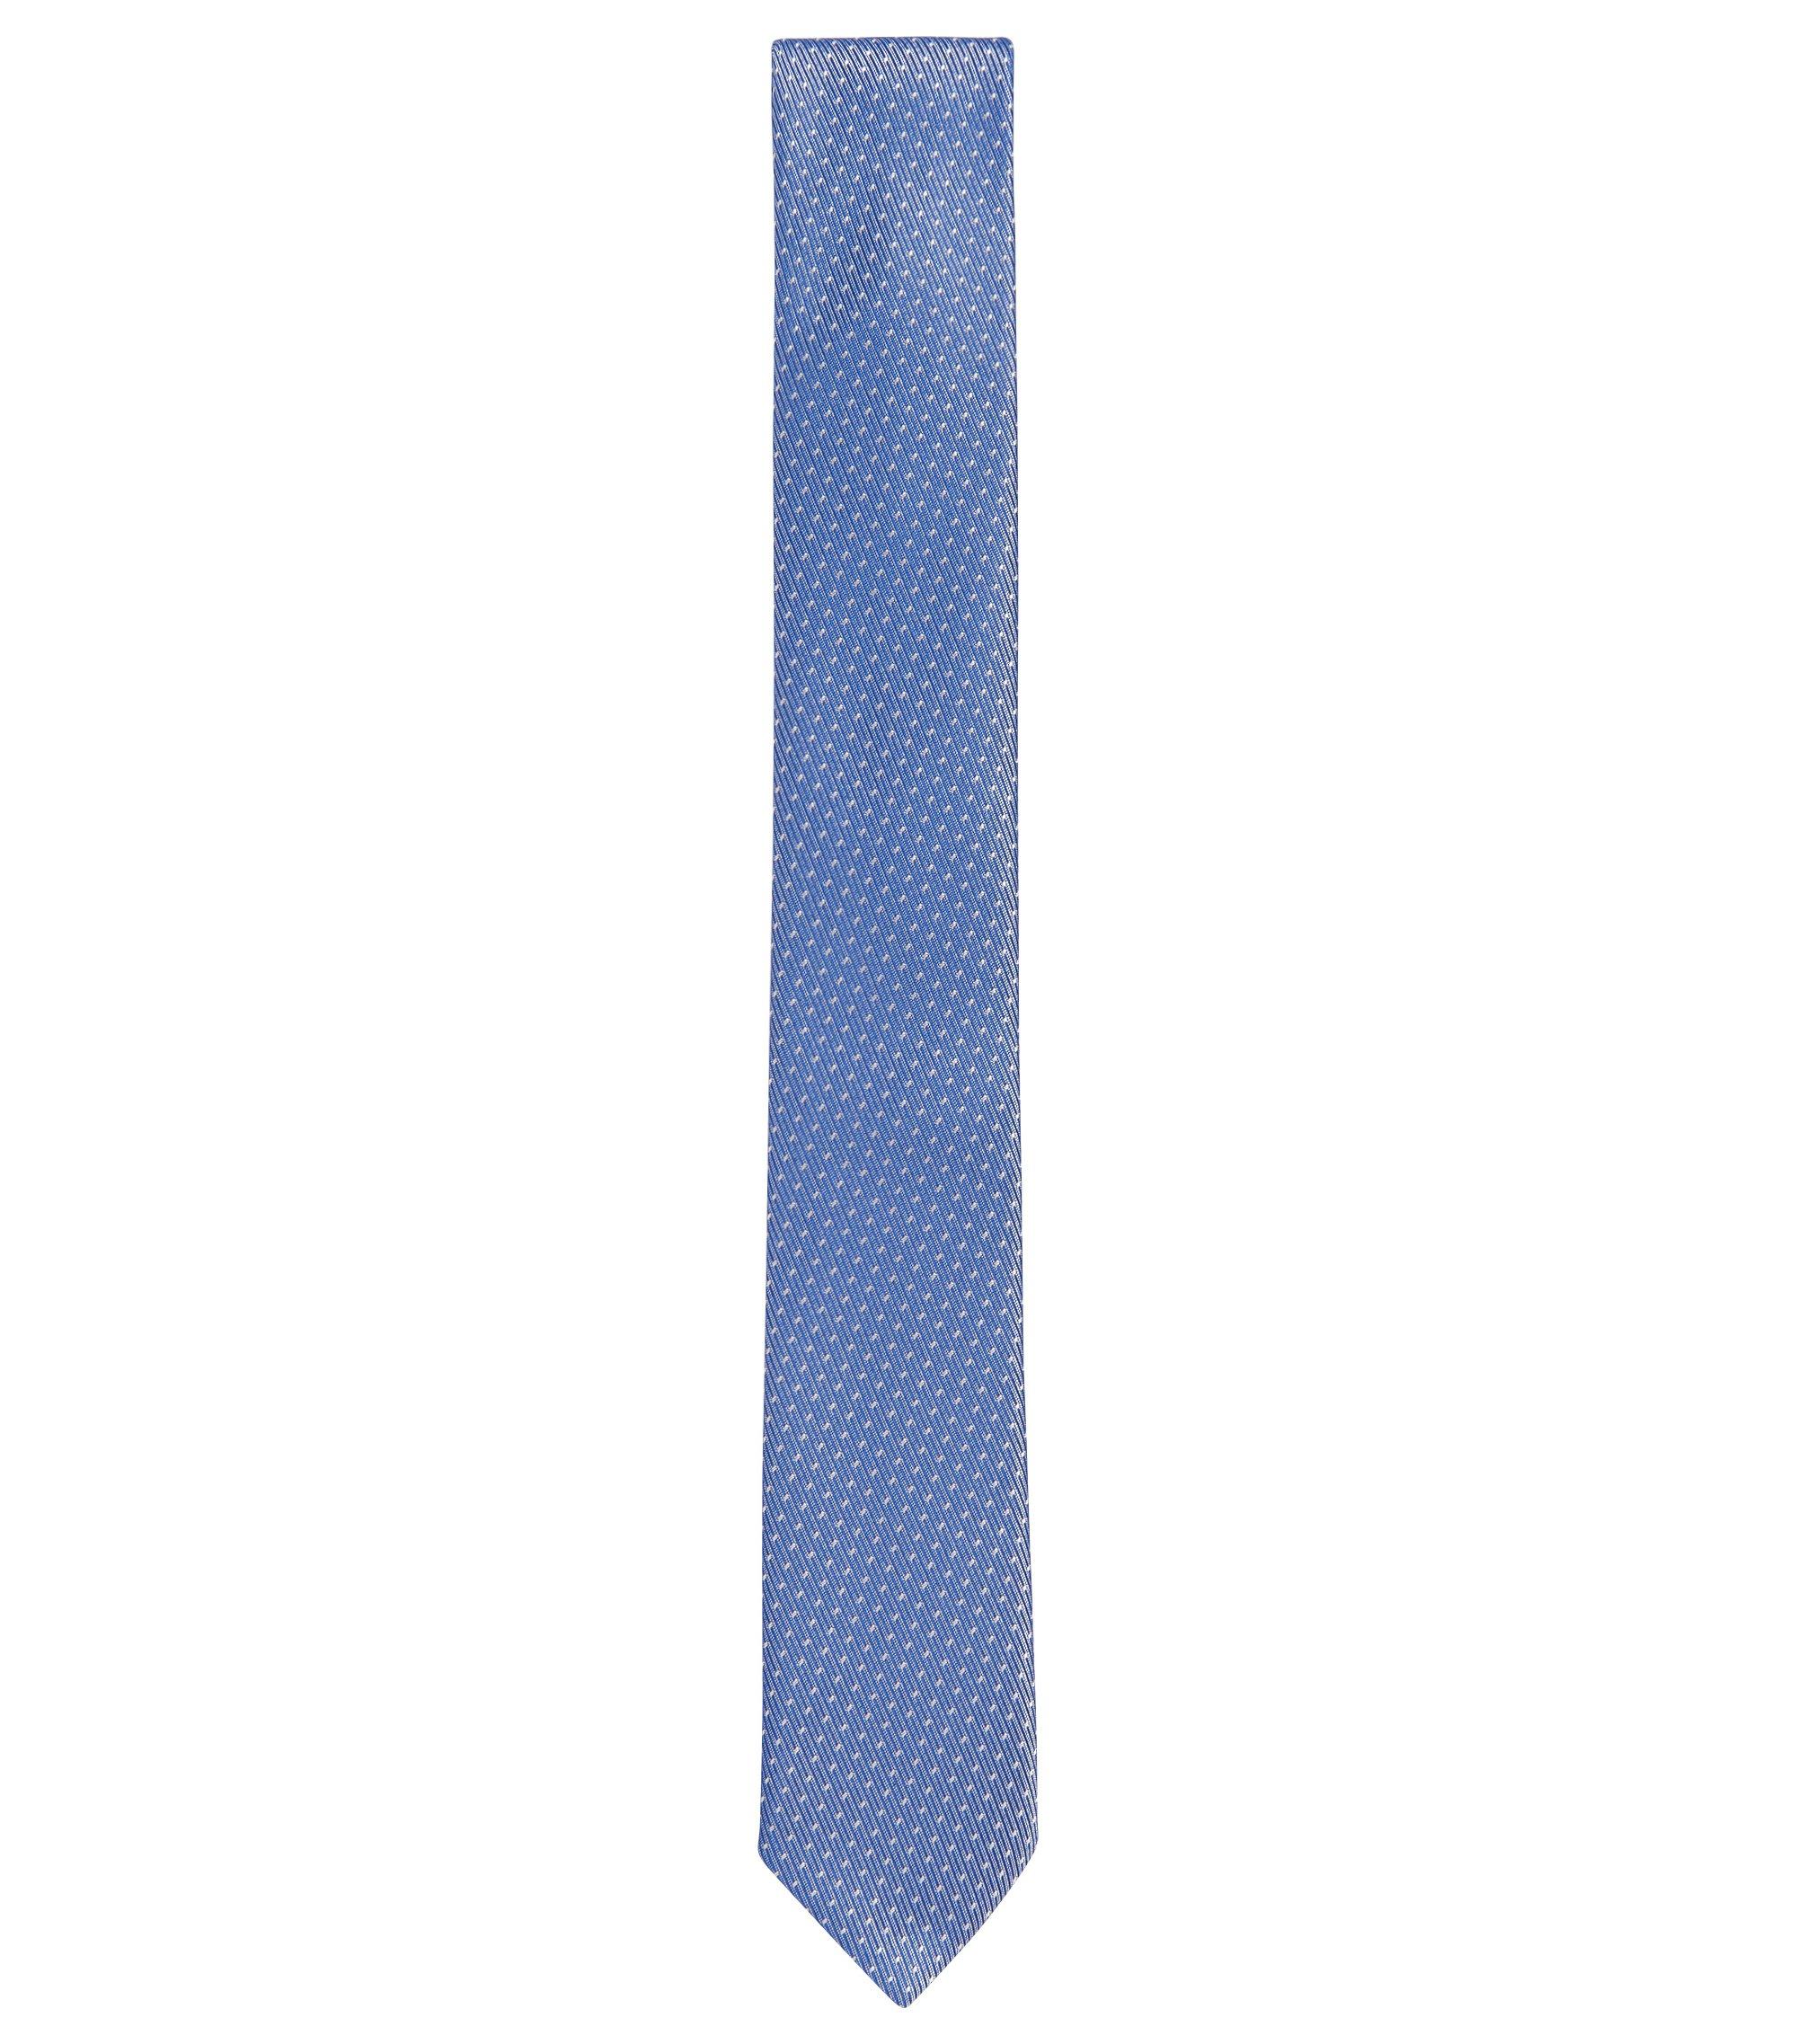 Embroidered Silk Tie, Slim | Tie 6 cm, Blue